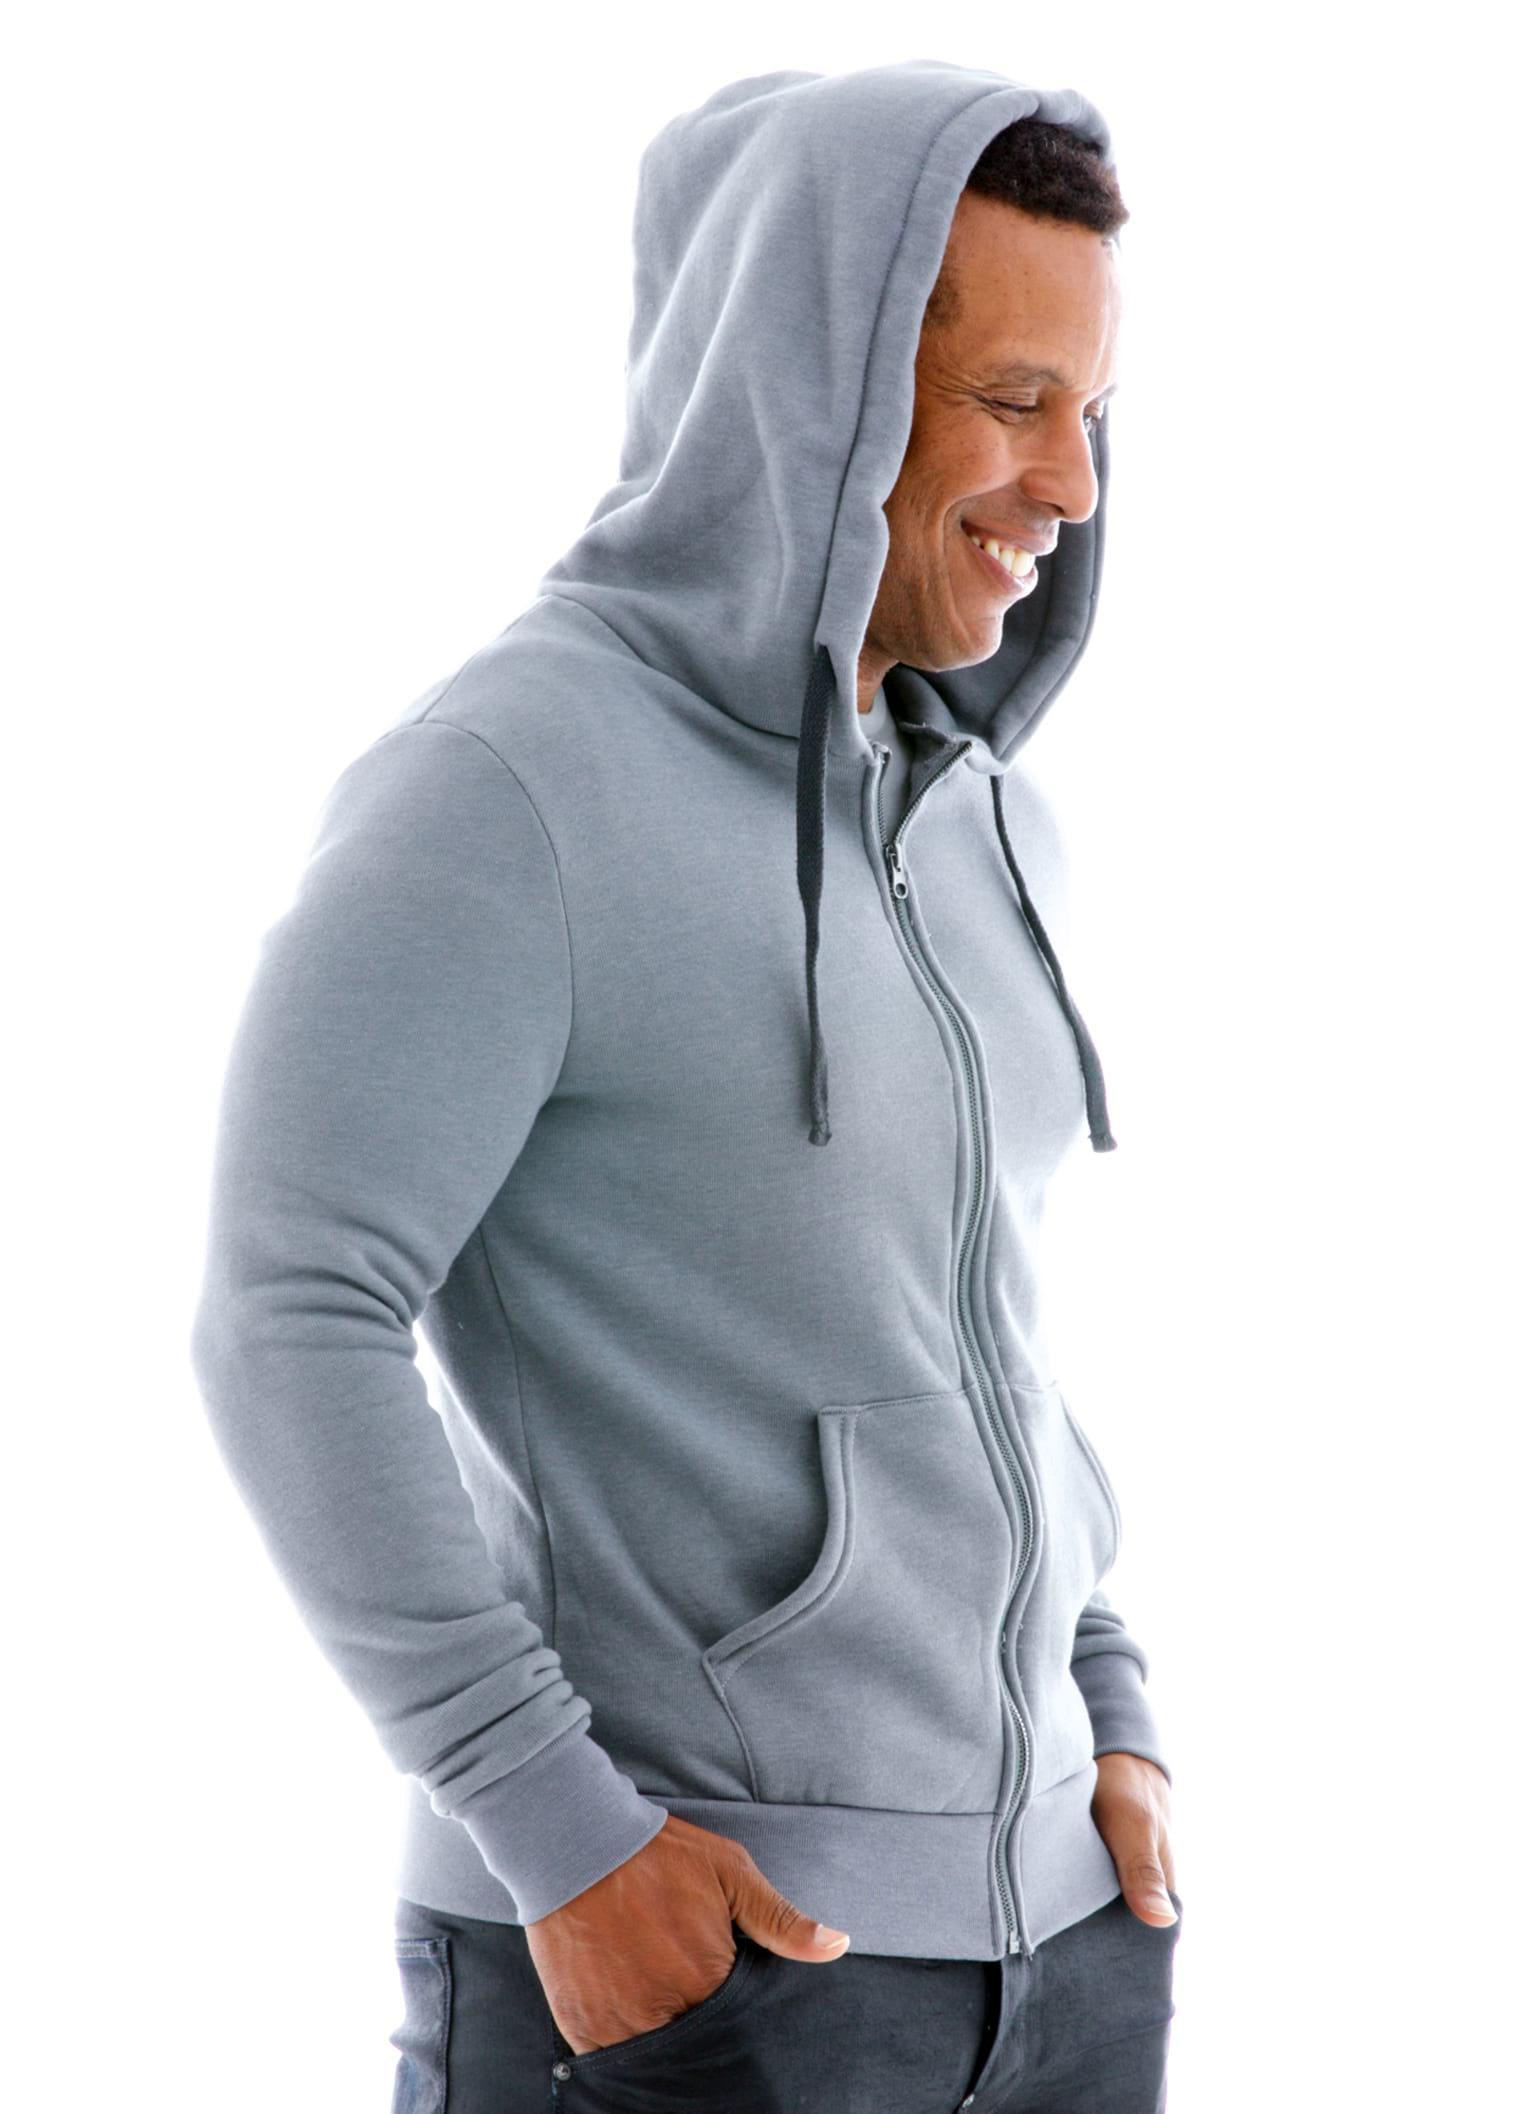 Luxe Heavyweight Zip Hoodie Side View